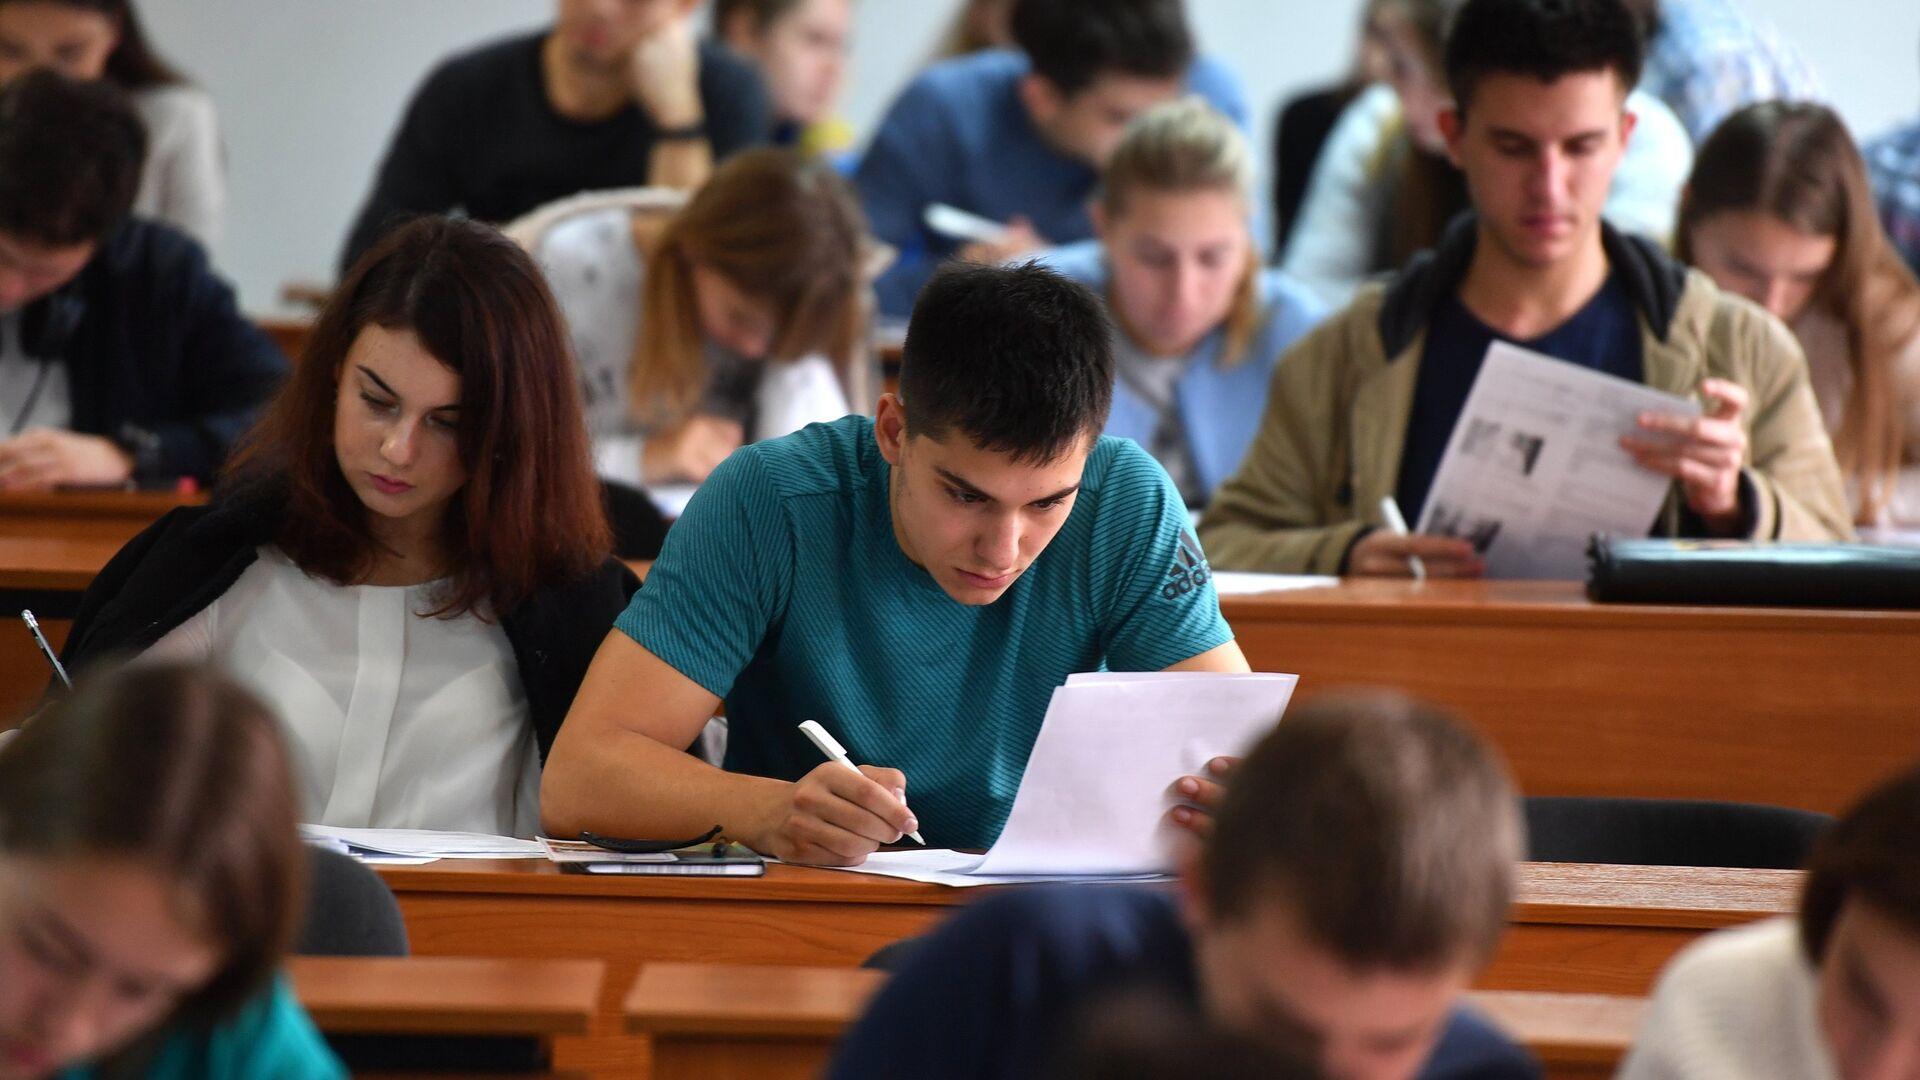 Студенты на лекции - Sputnik Латвия, 1920, 09.04.2021